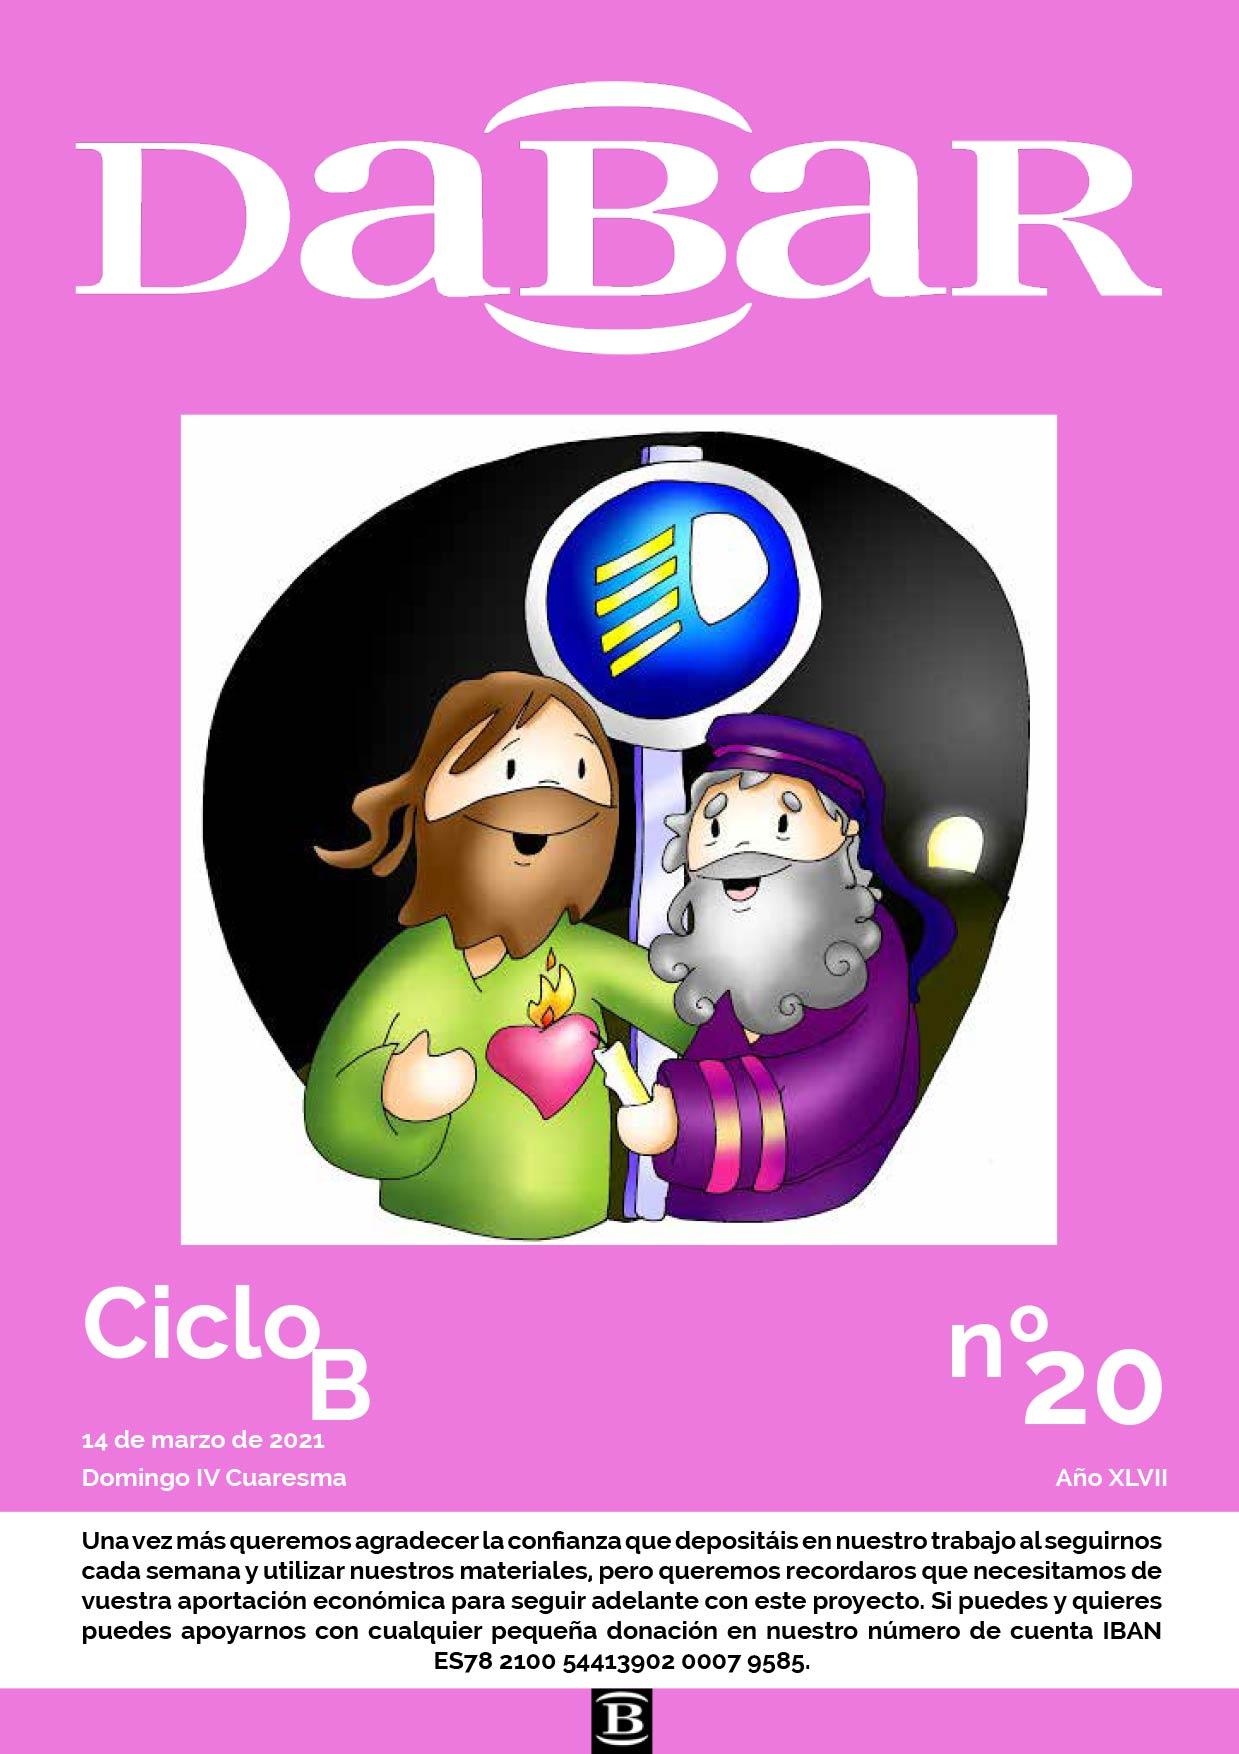 Dabar Revista numero 5 ciclo B